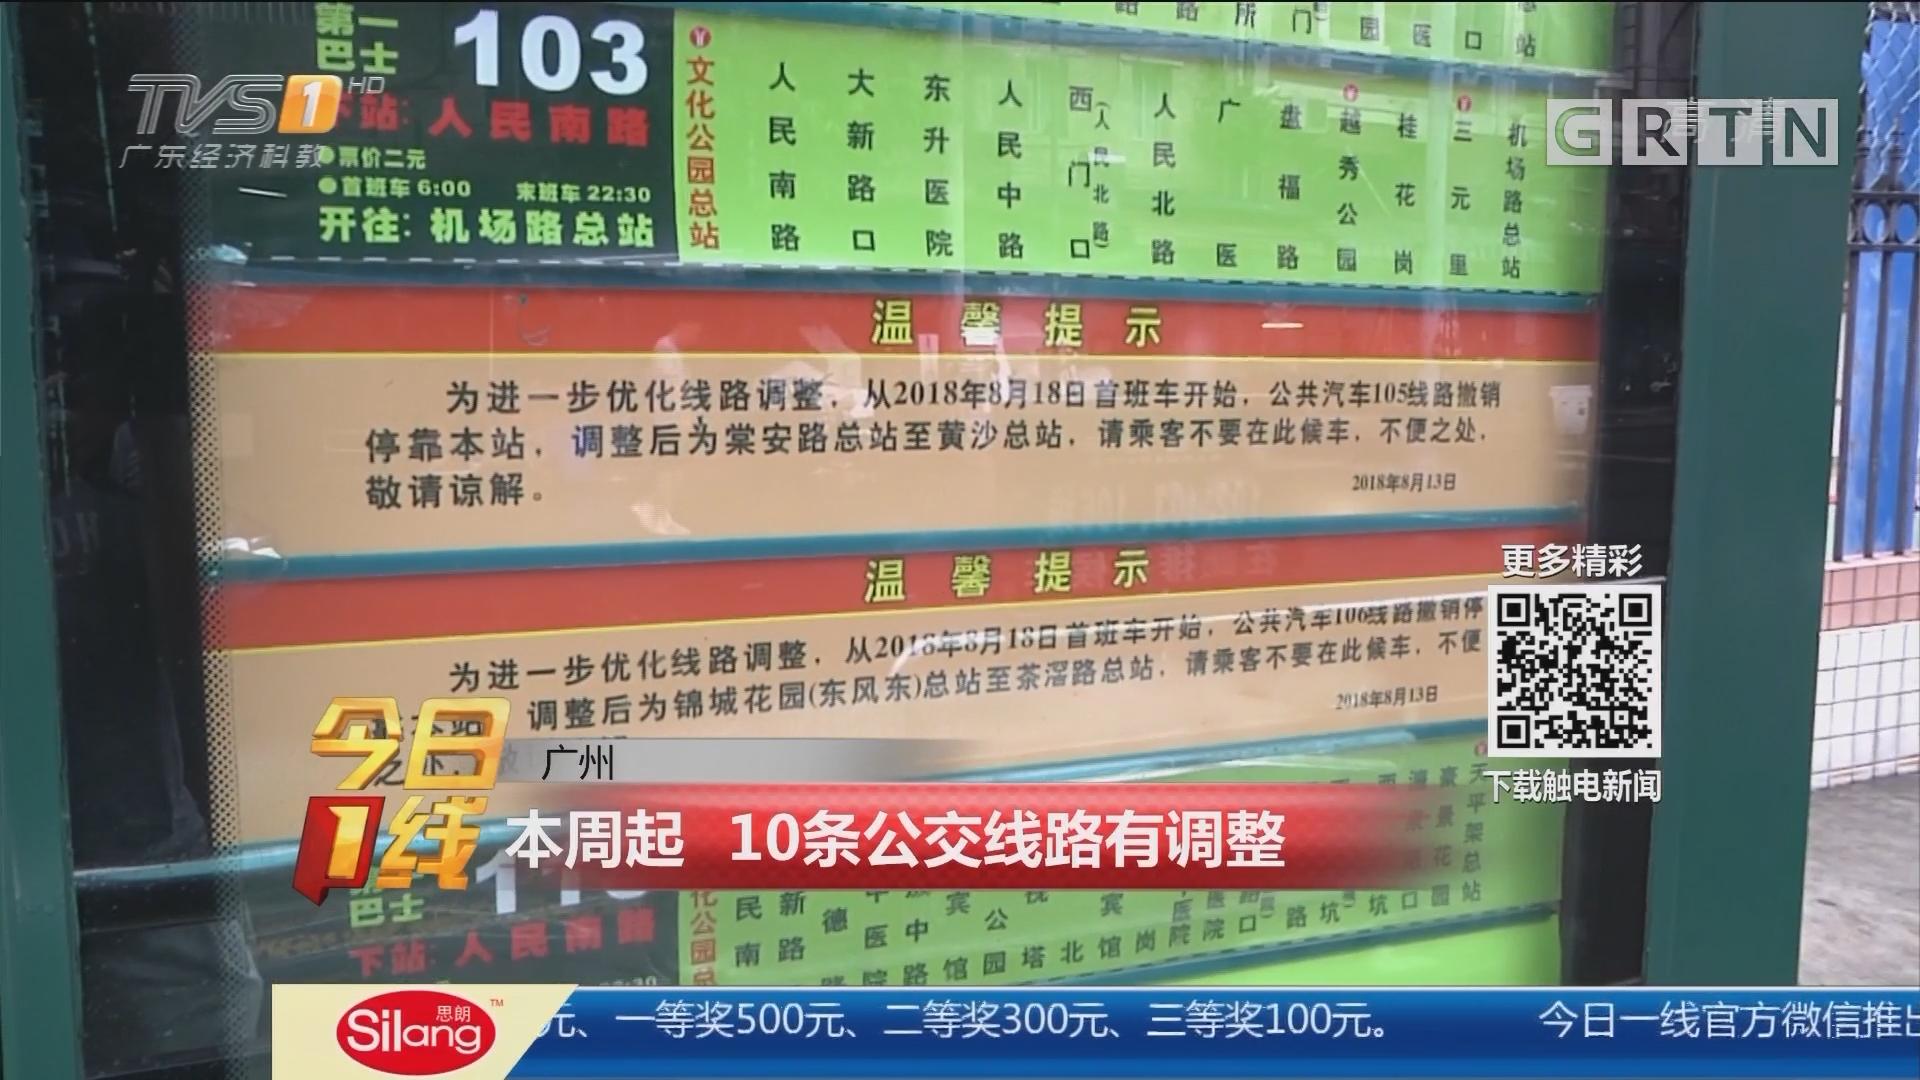 广州:本周起 10条公交线路有调整